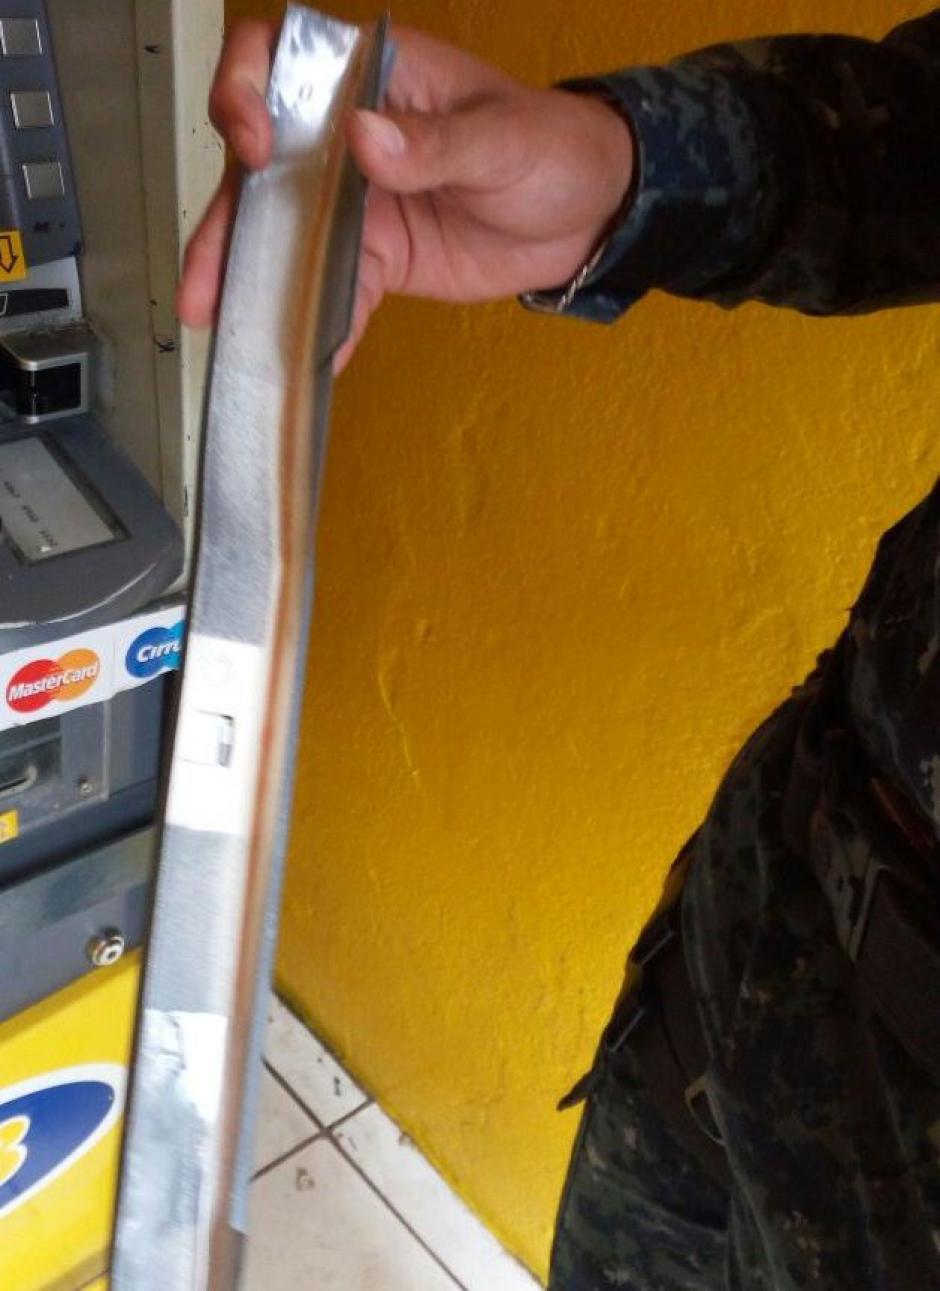 Es colocado secretamente en los Cajeros Automáticos para robar información. (Foto: PNC)